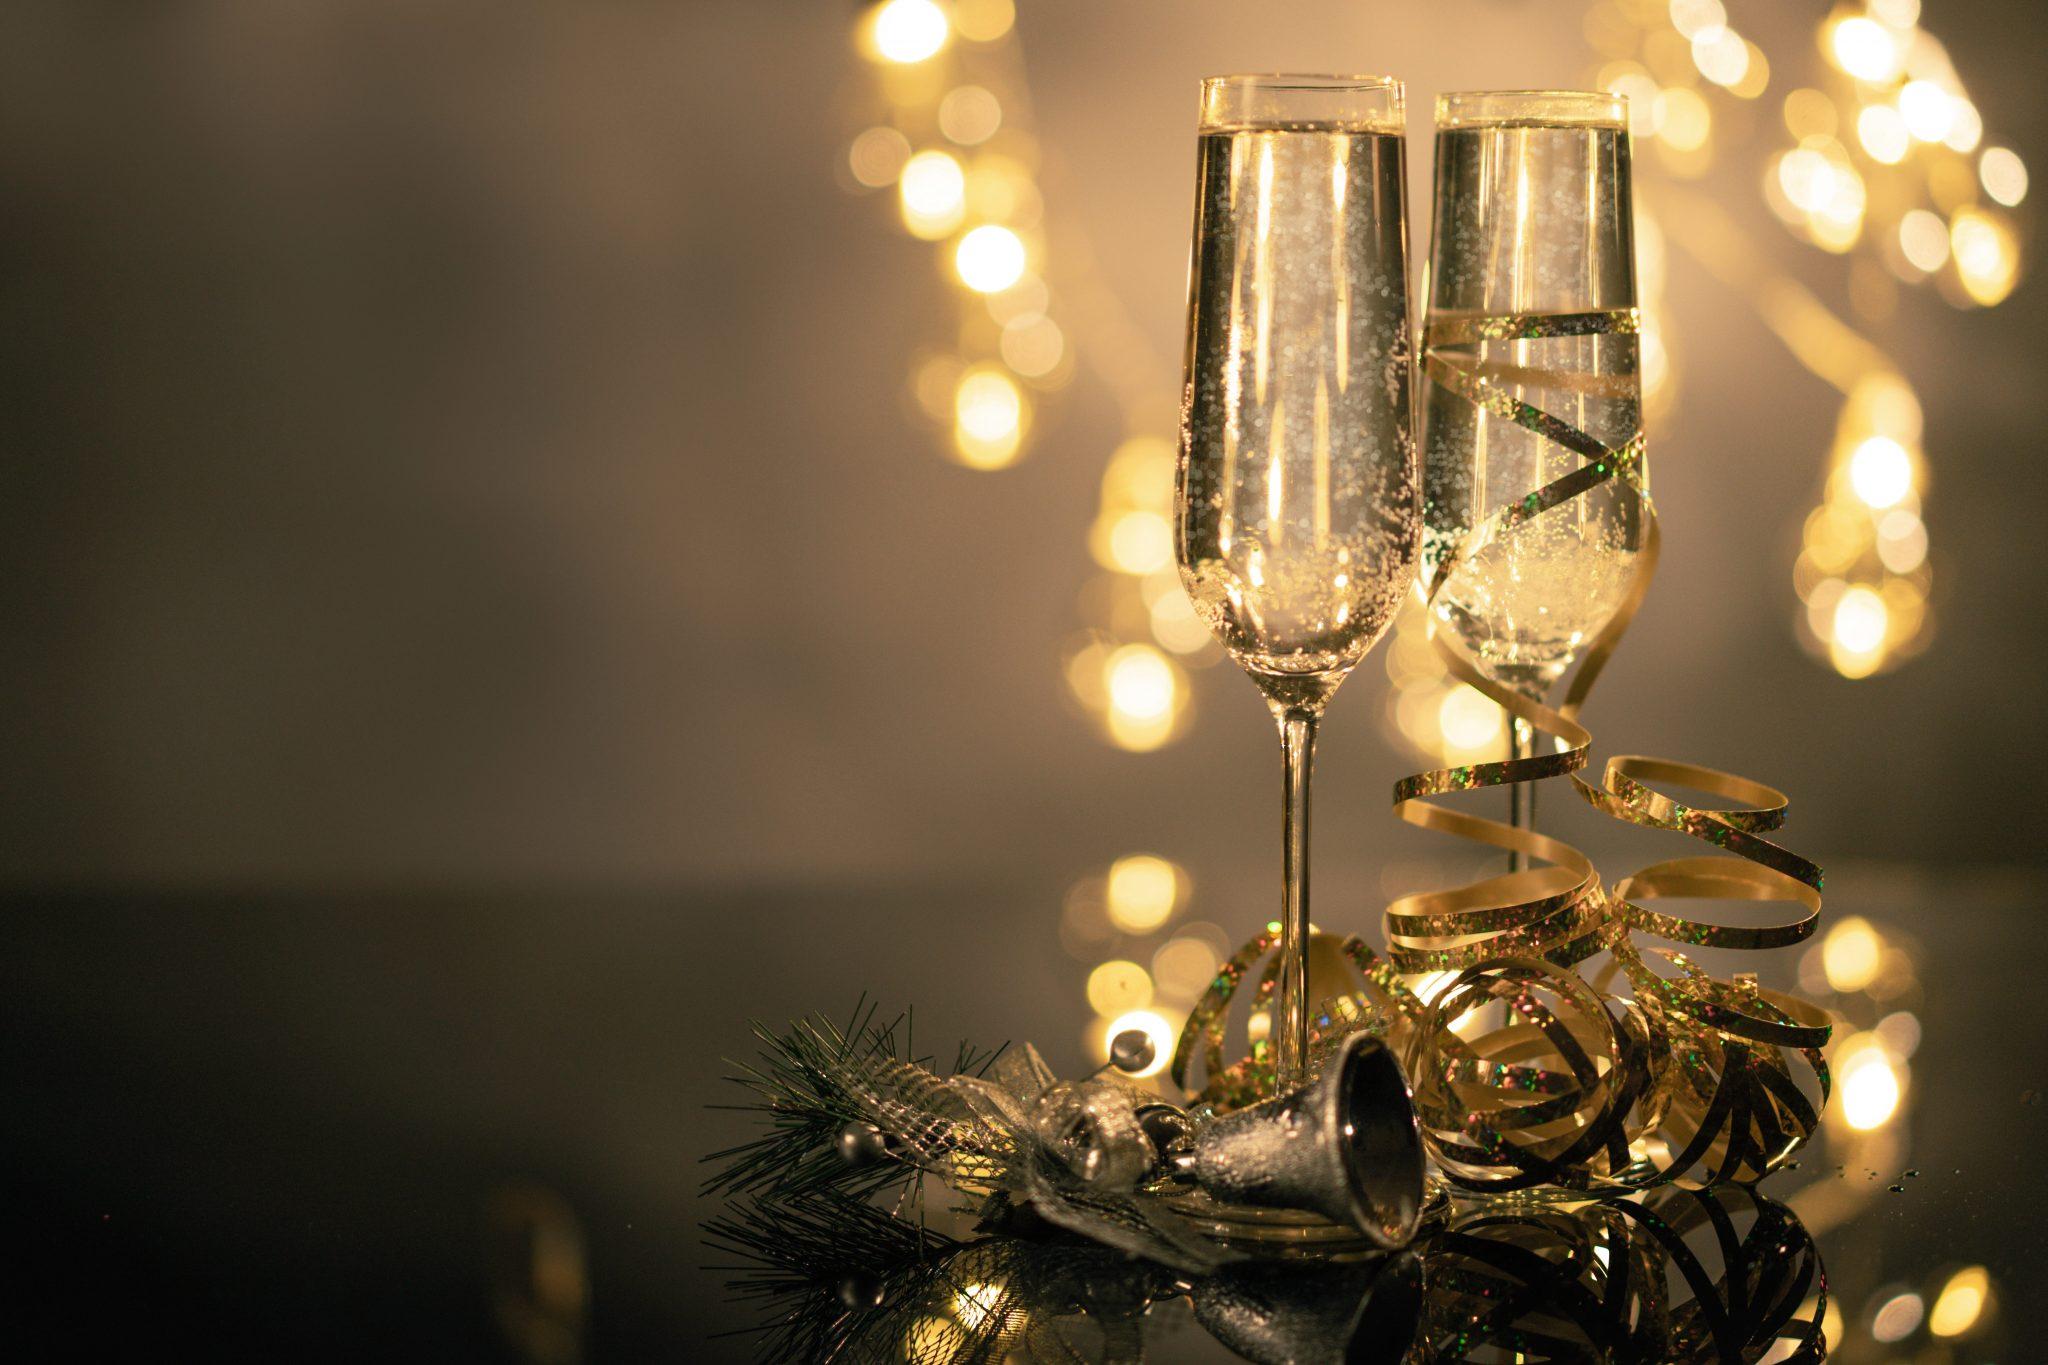 Menu per le festività natalizie